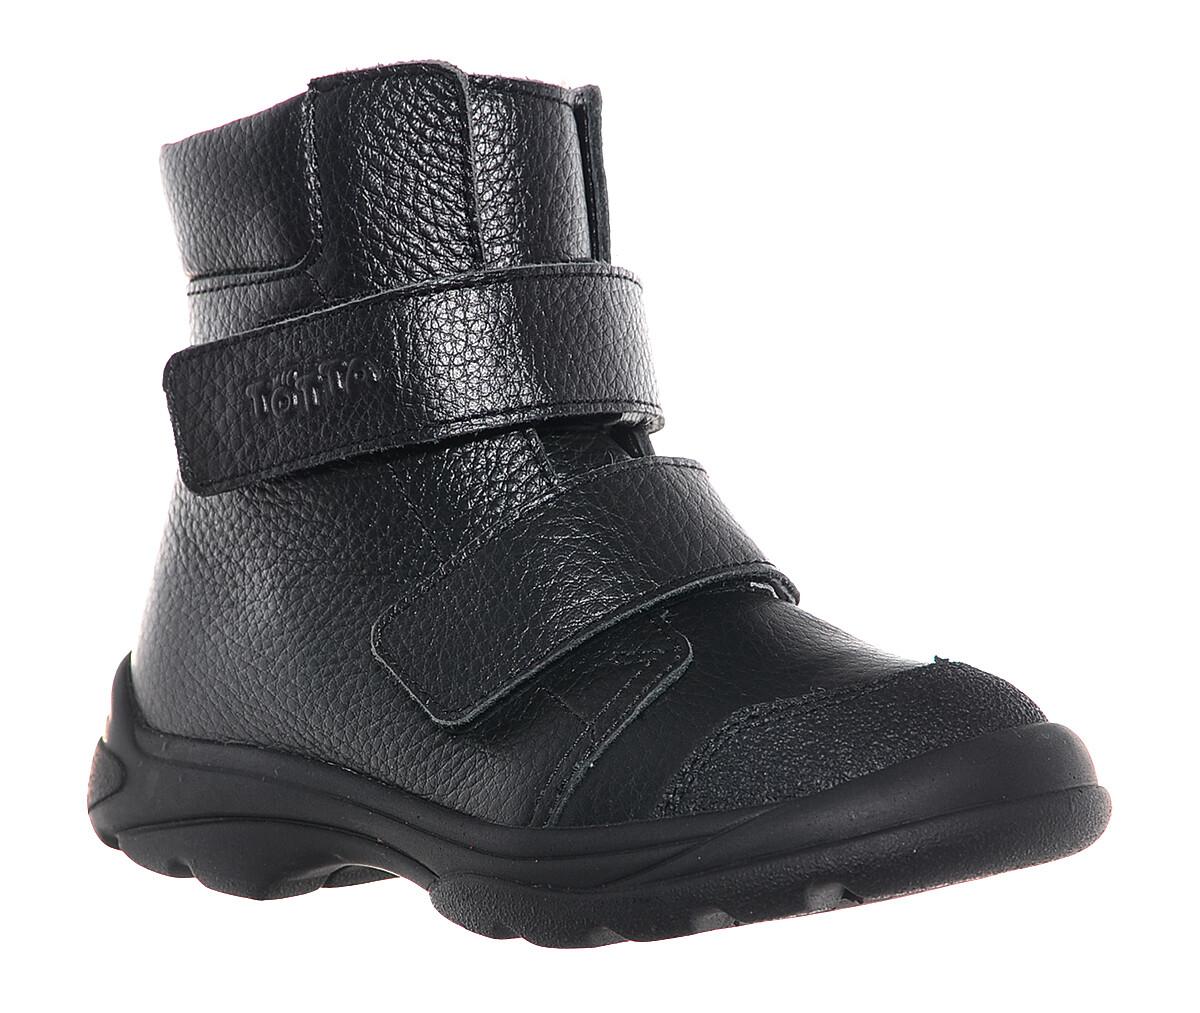 338-БП-04 (черный) ТОТТА Ботинки оптом, размеры 26-30